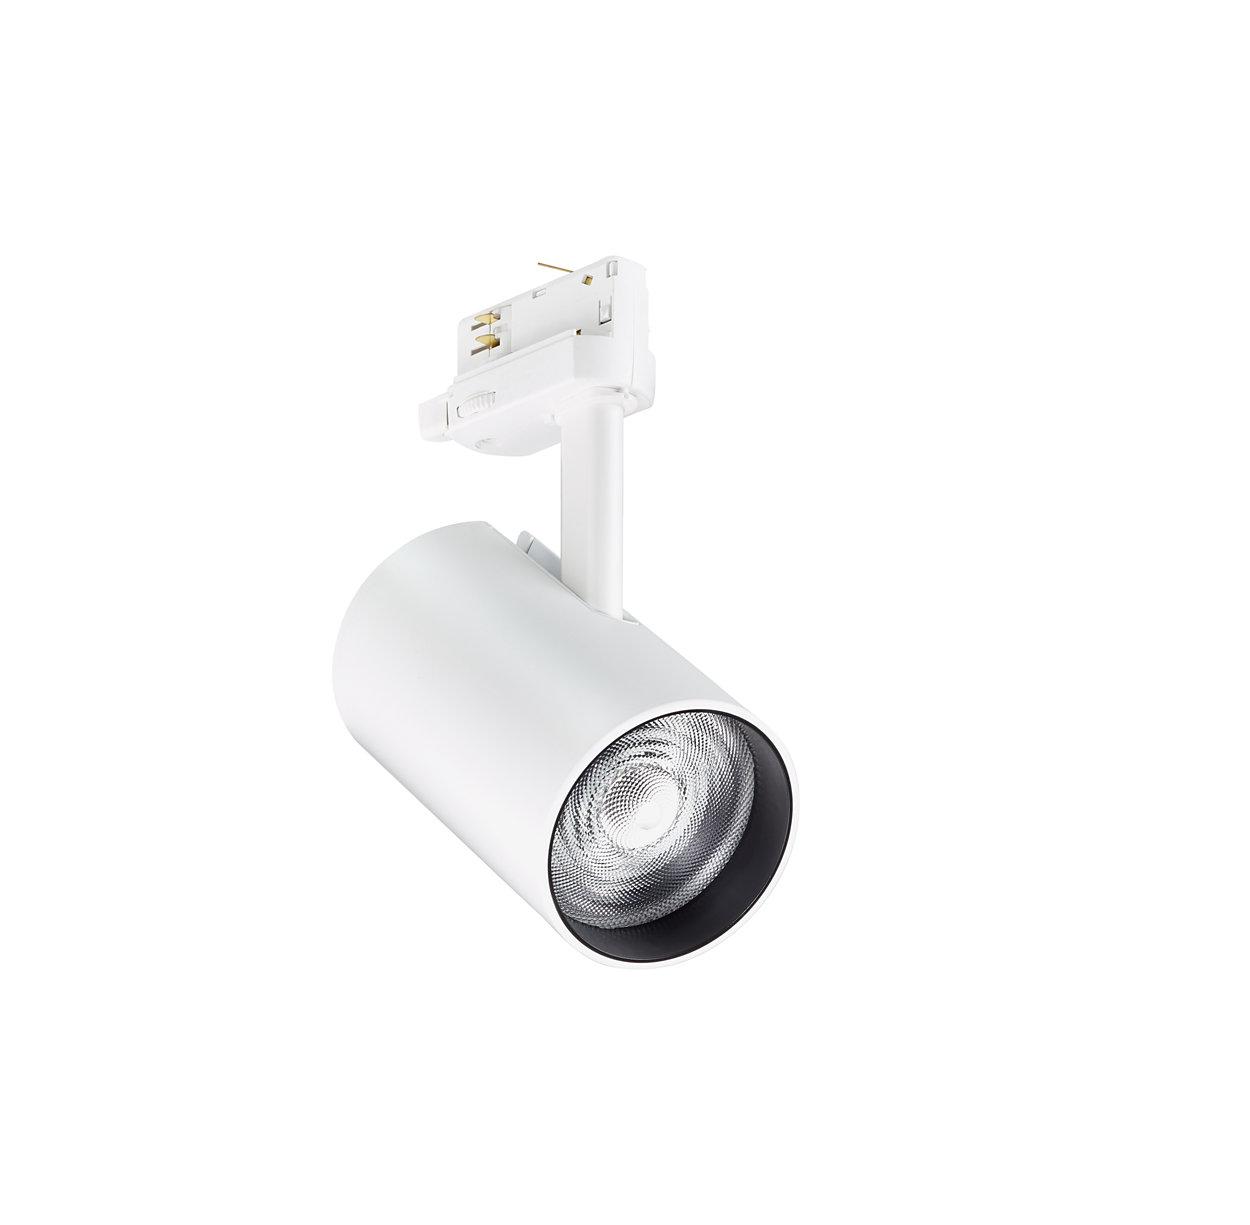 La migliore qualità di luce in proiettori LED miniaturizzate, per i negozi di moda di tutto il mondo